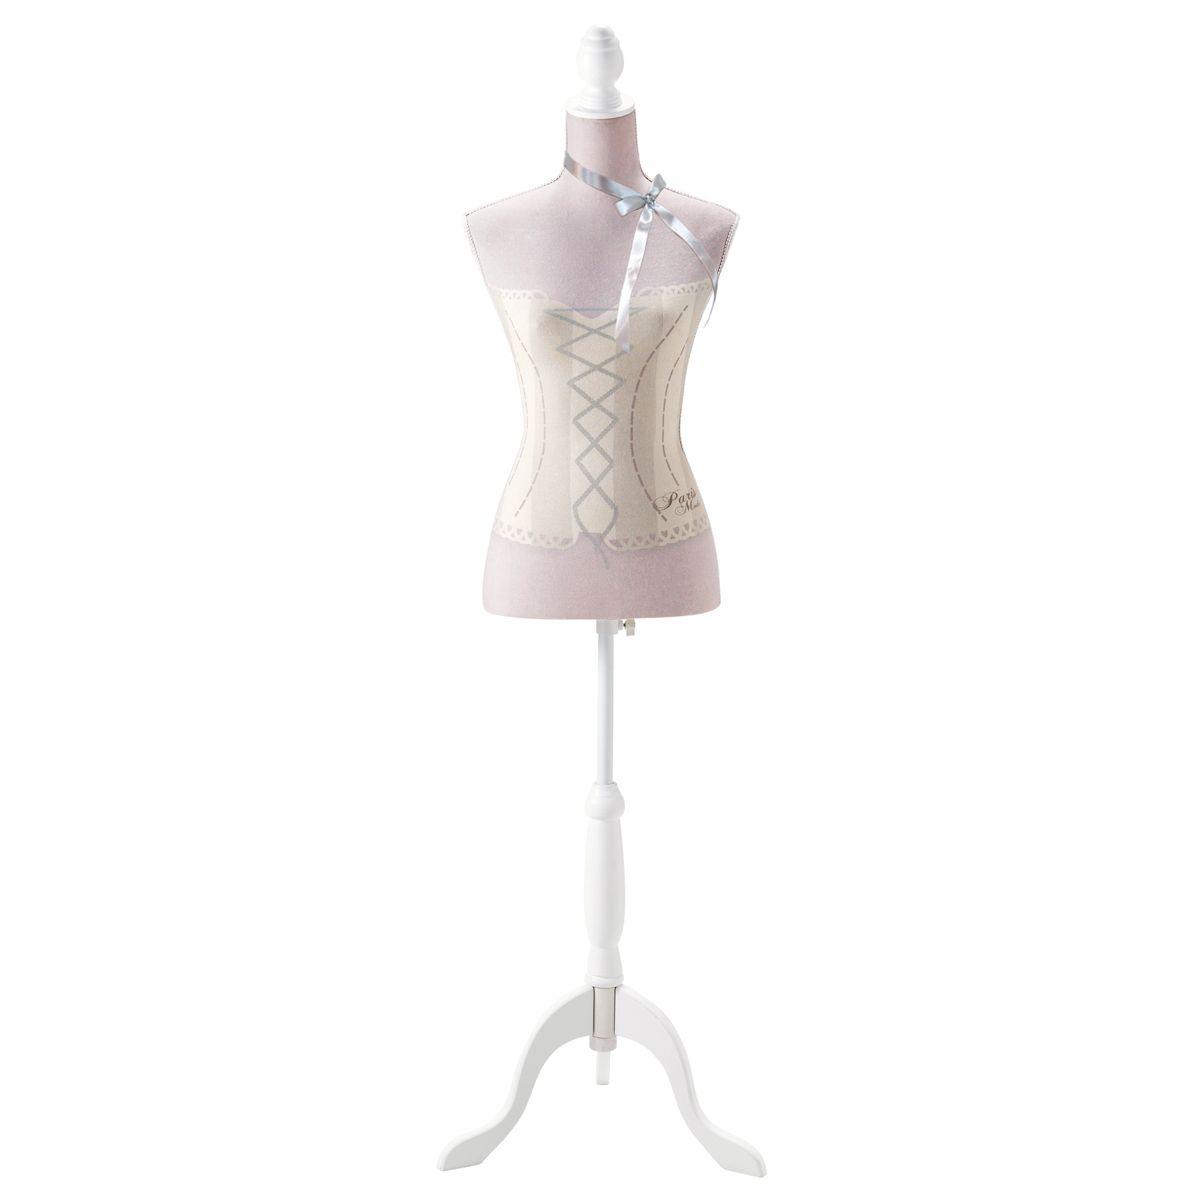 Meubles d 39 appoint chambre enfant pinterest mobilier de salon mannequin de couture et deco - Blog couture deco maison ...